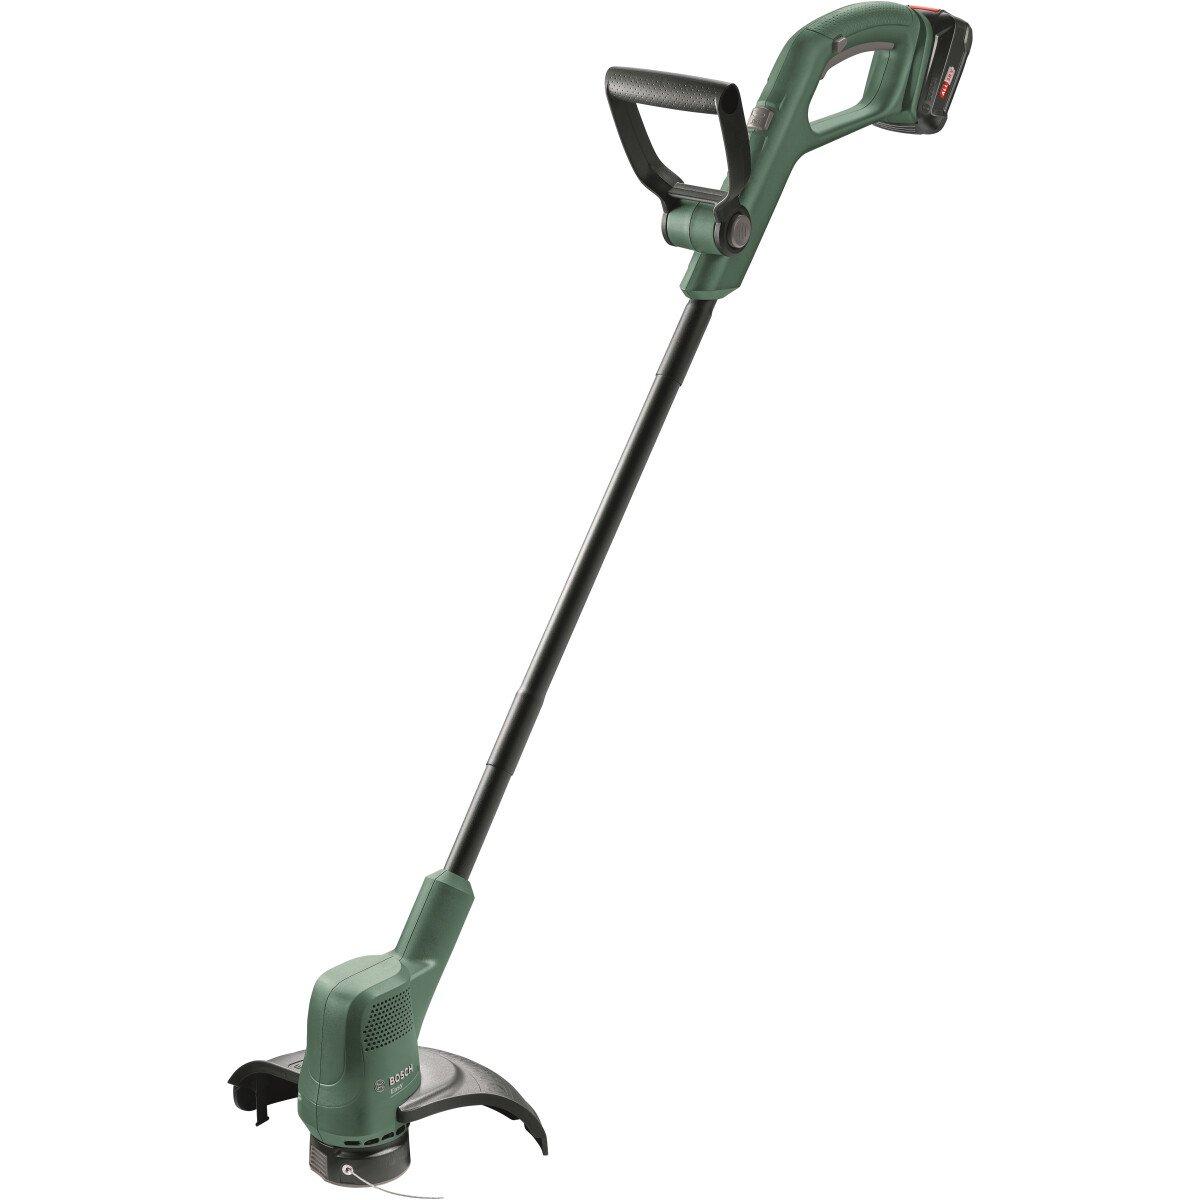 Bosch EasyGrassCut 18-26 18v Cordless 26cm Grass Trimmer (1 x 2.5ah)